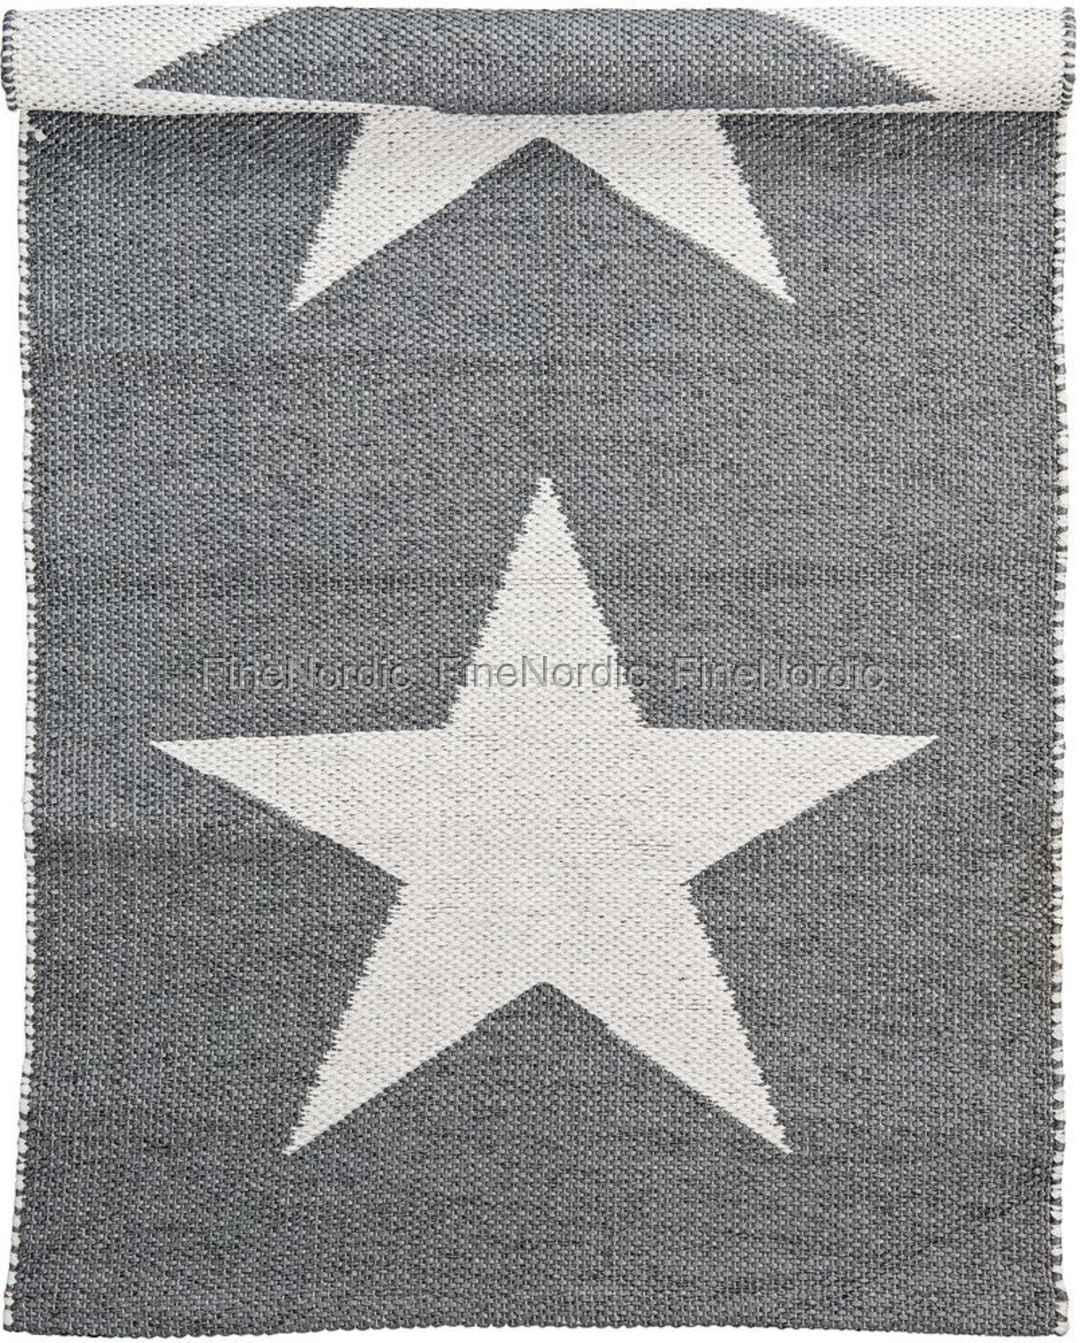 Bloomingville PVC Matta - Grå med Off White Stjärna - 60x120 cm a3d00b058901c